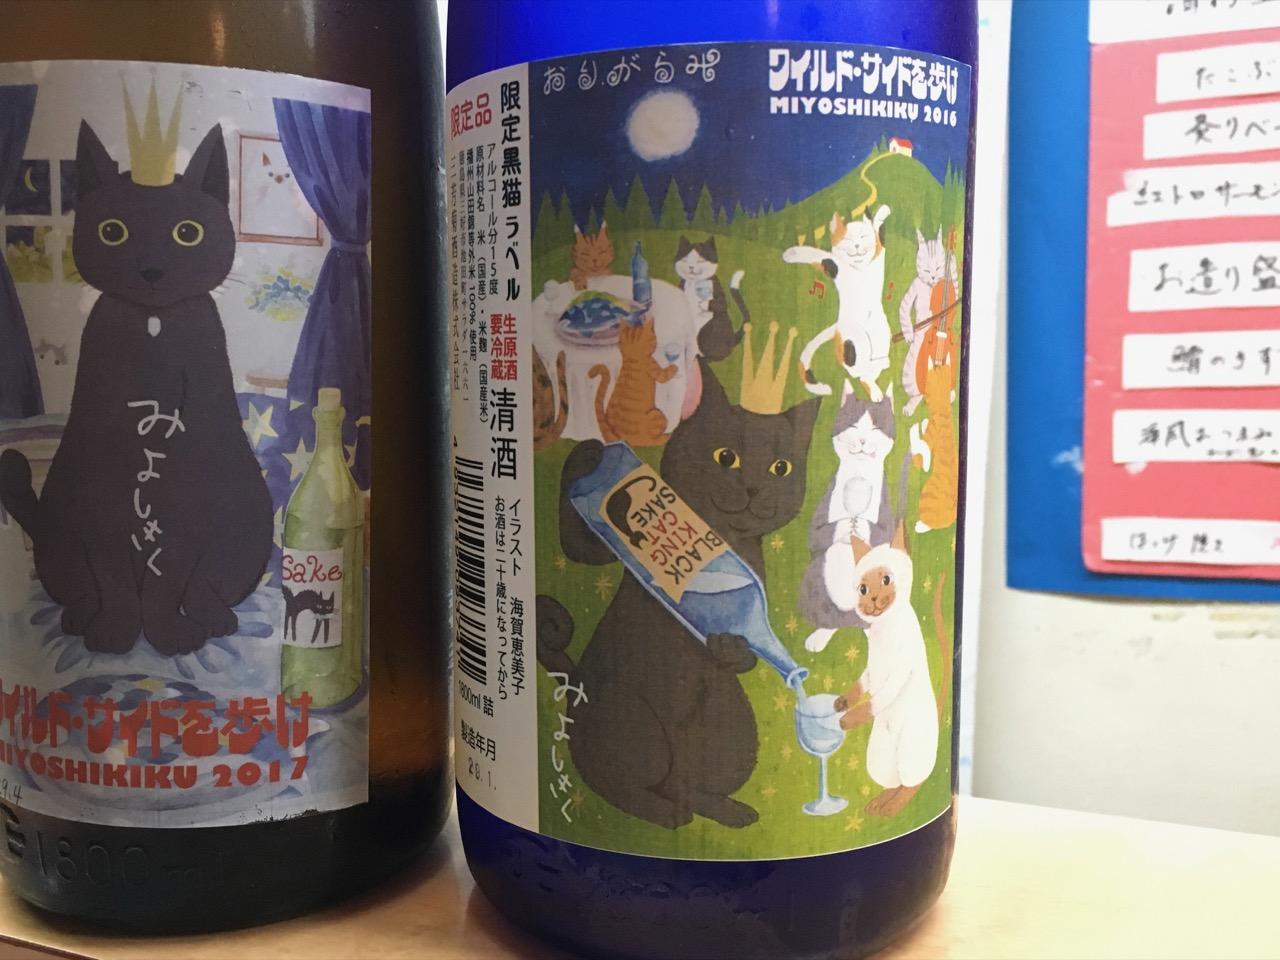 三芳菊 限定黒猫ラベル|日本酒テイスティングノート